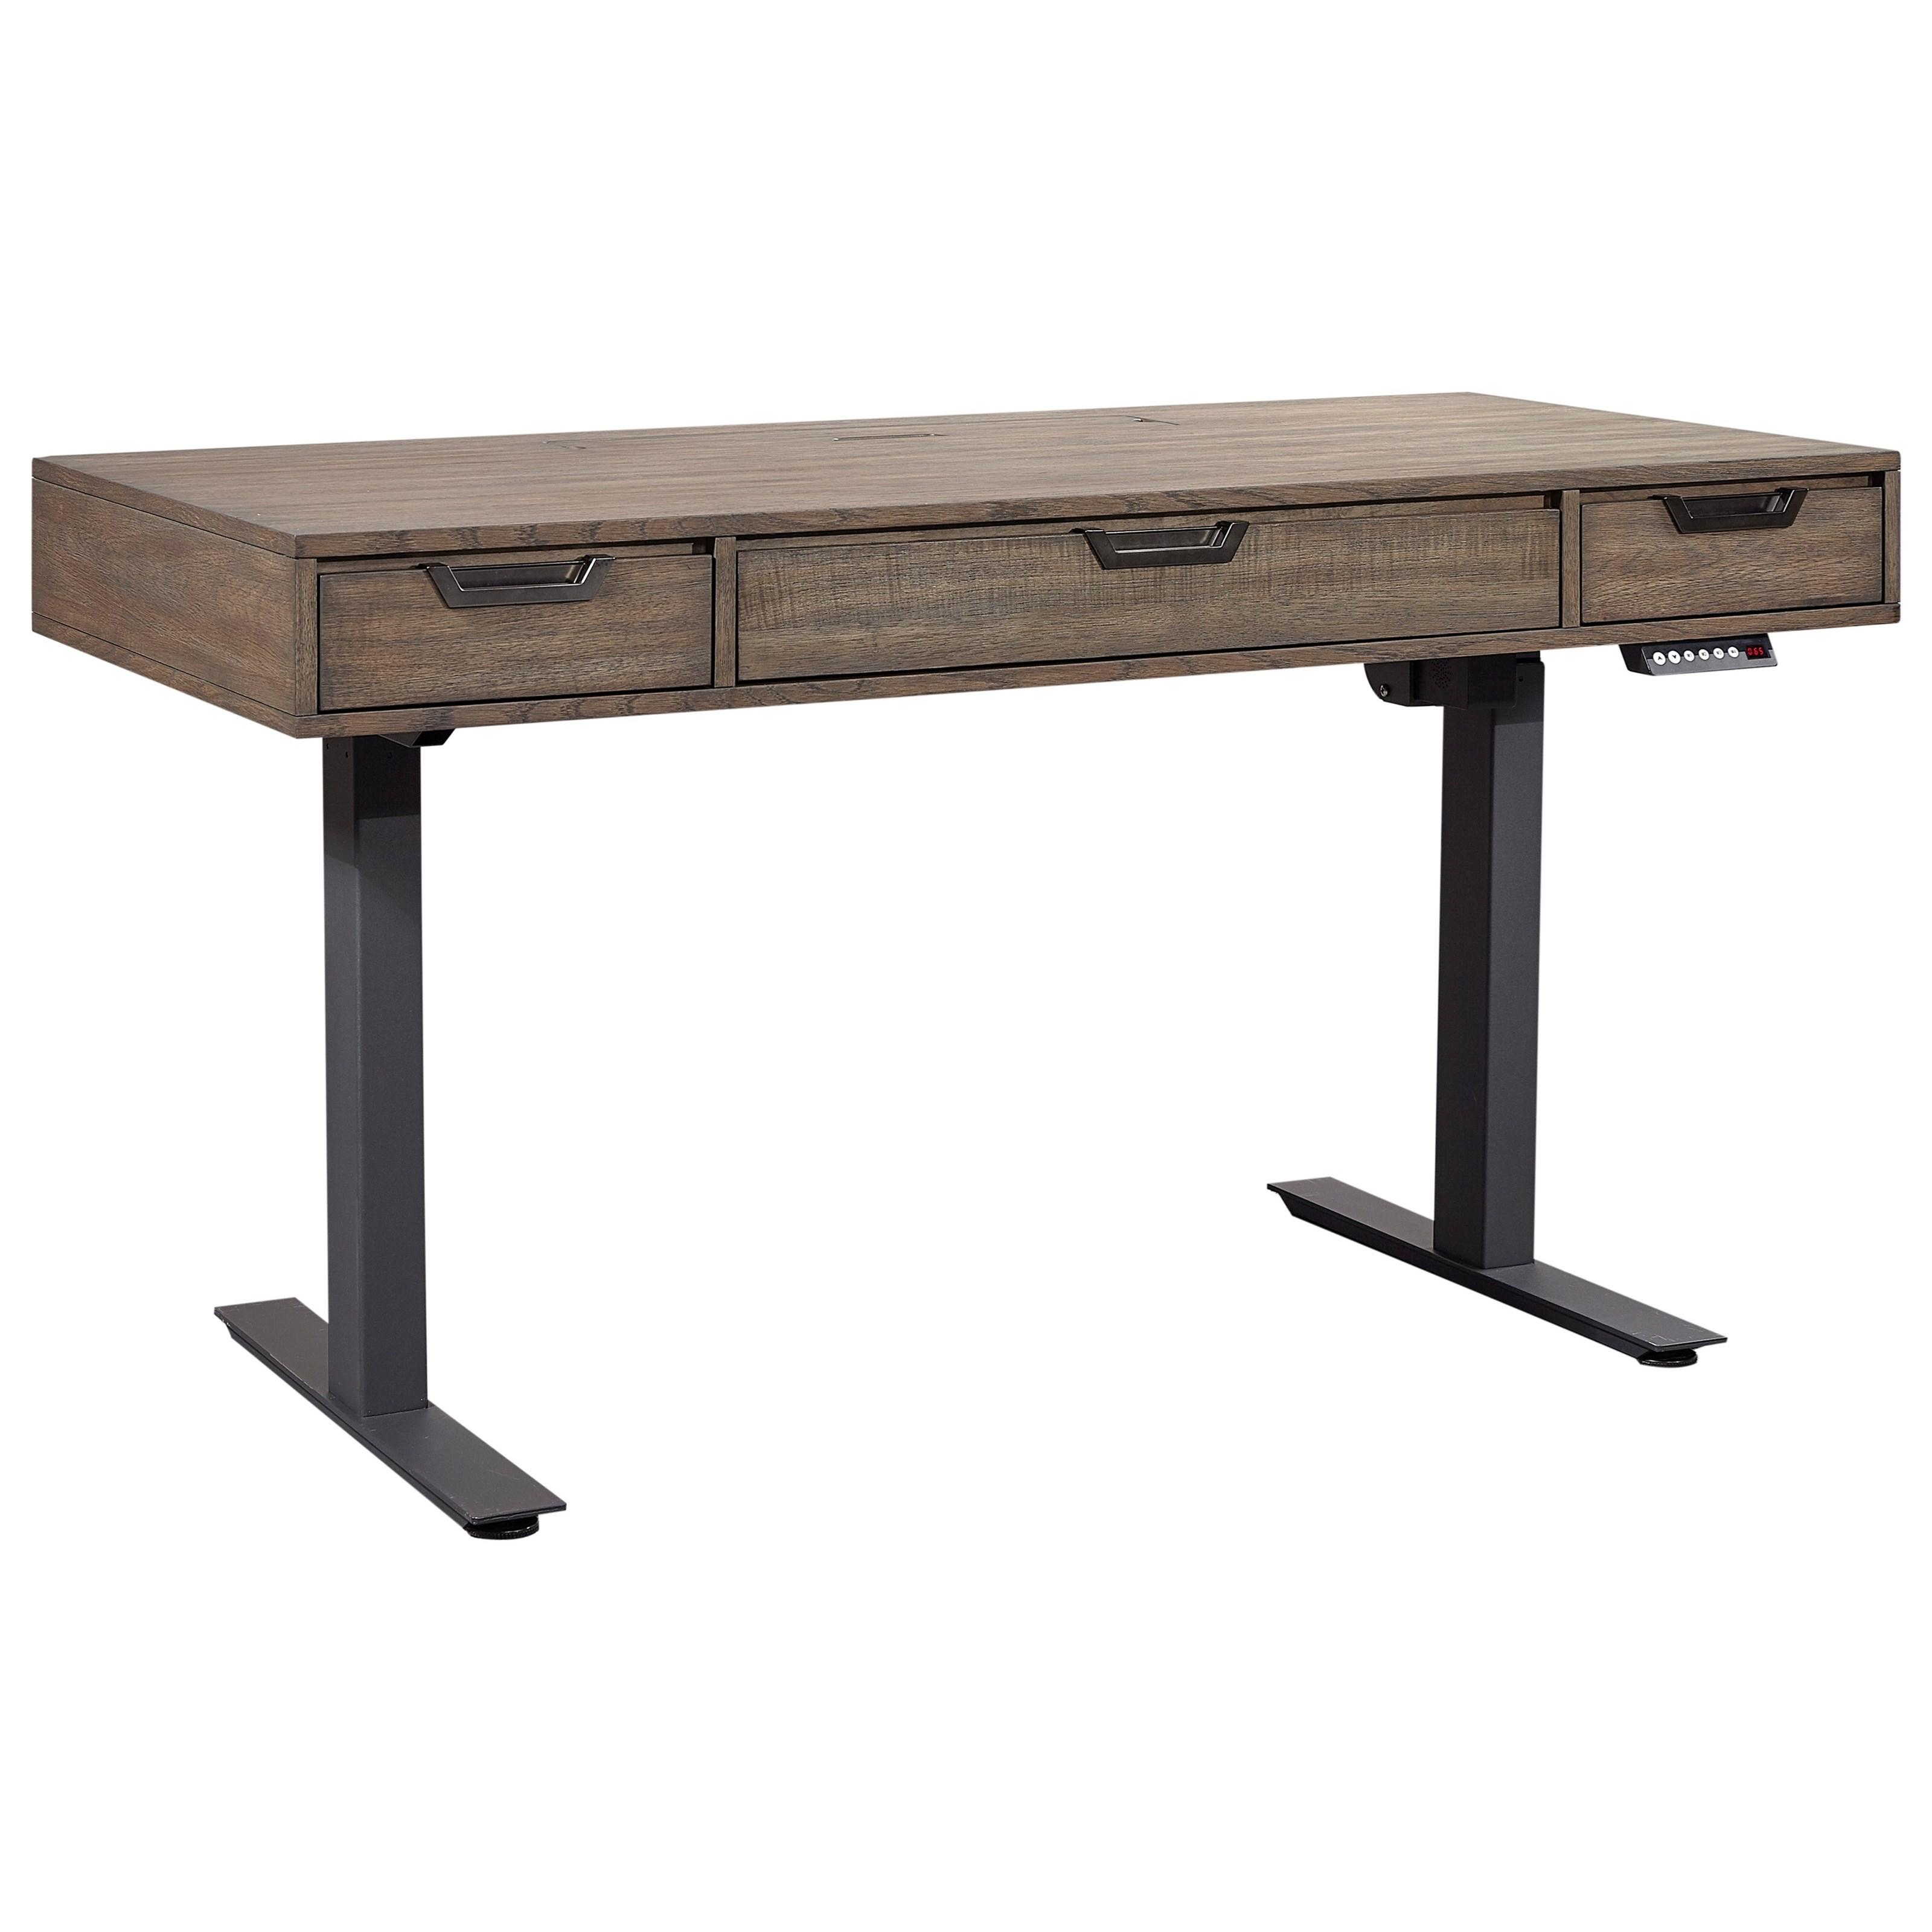 Harper Point Adjustable Lift Desk by Aspenhome at Baer's Furniture